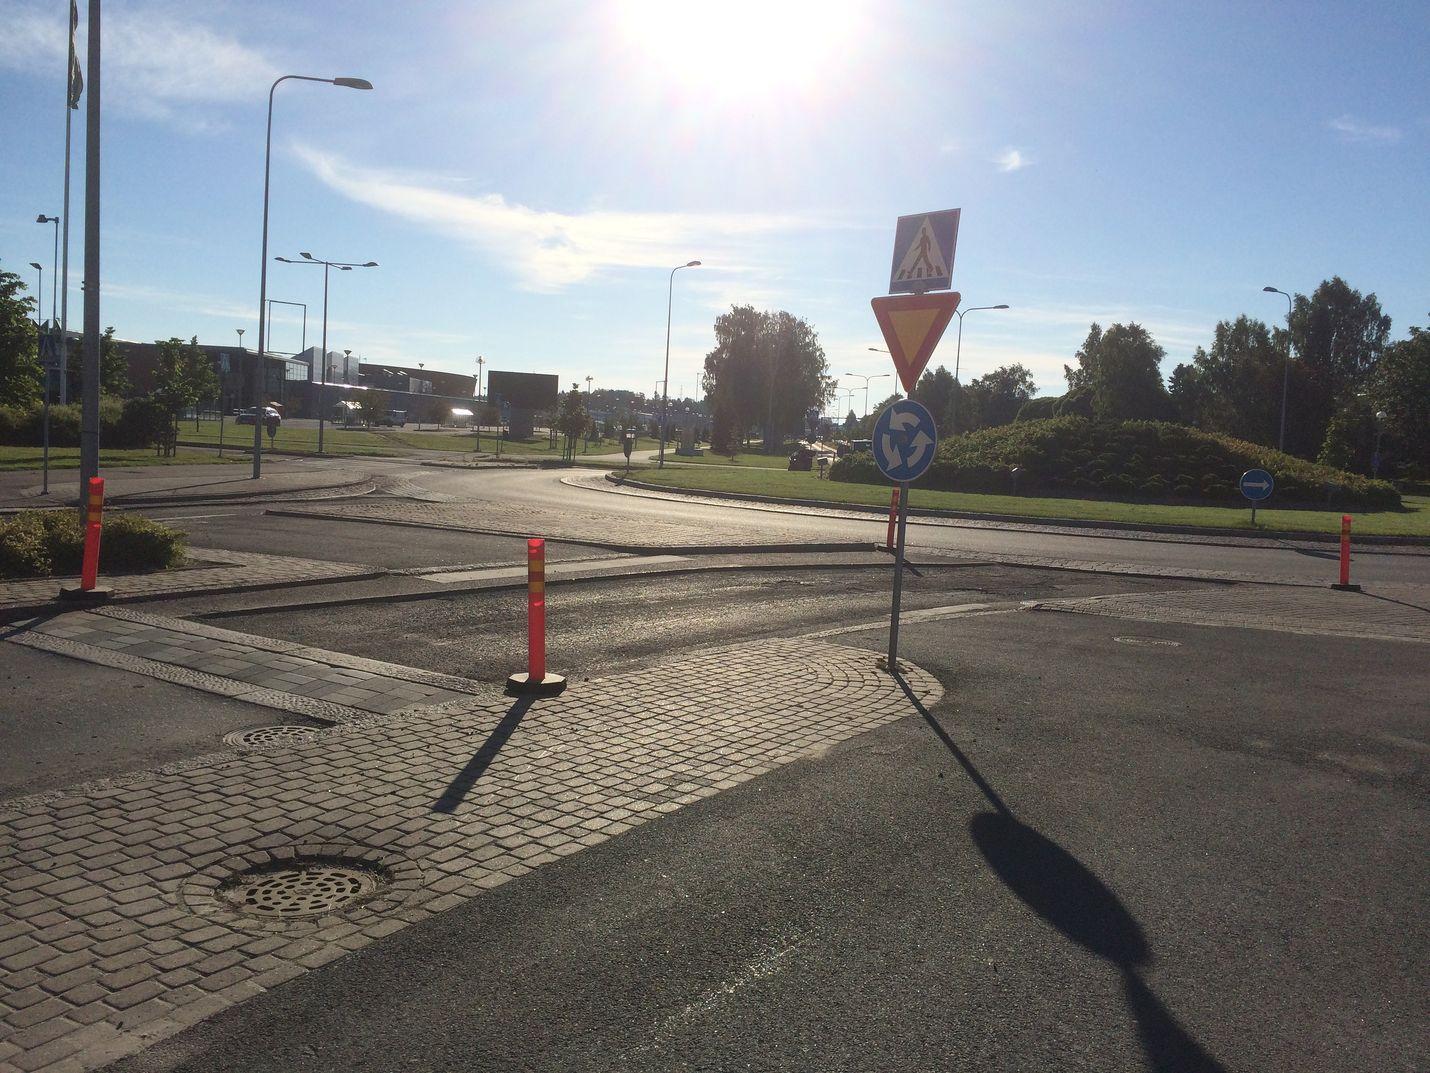 Tallikedon ABC:n viereinen liikenneympyrä näytti perjantaina aamutuimaan tältä. Kuva: Maija Männistö